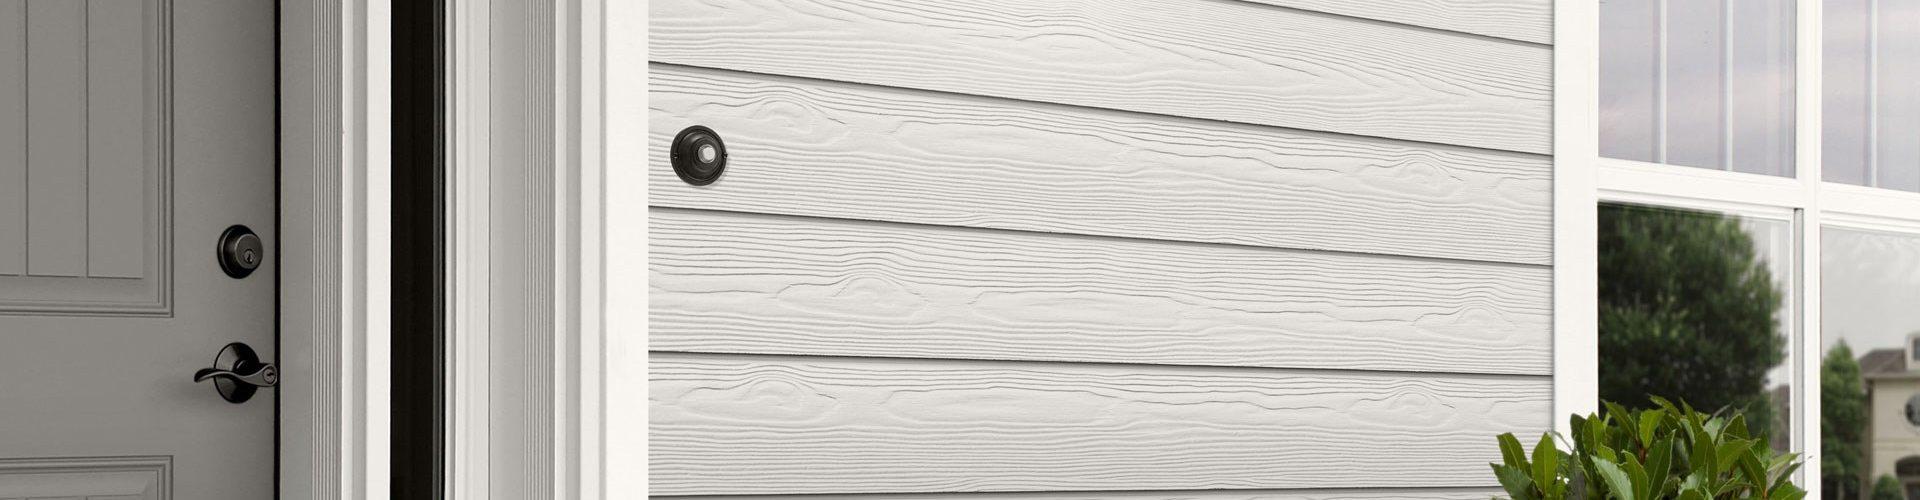 Cedral Classic C01 Mineraalvalge - ülekattega puidumustriga voodrilaud